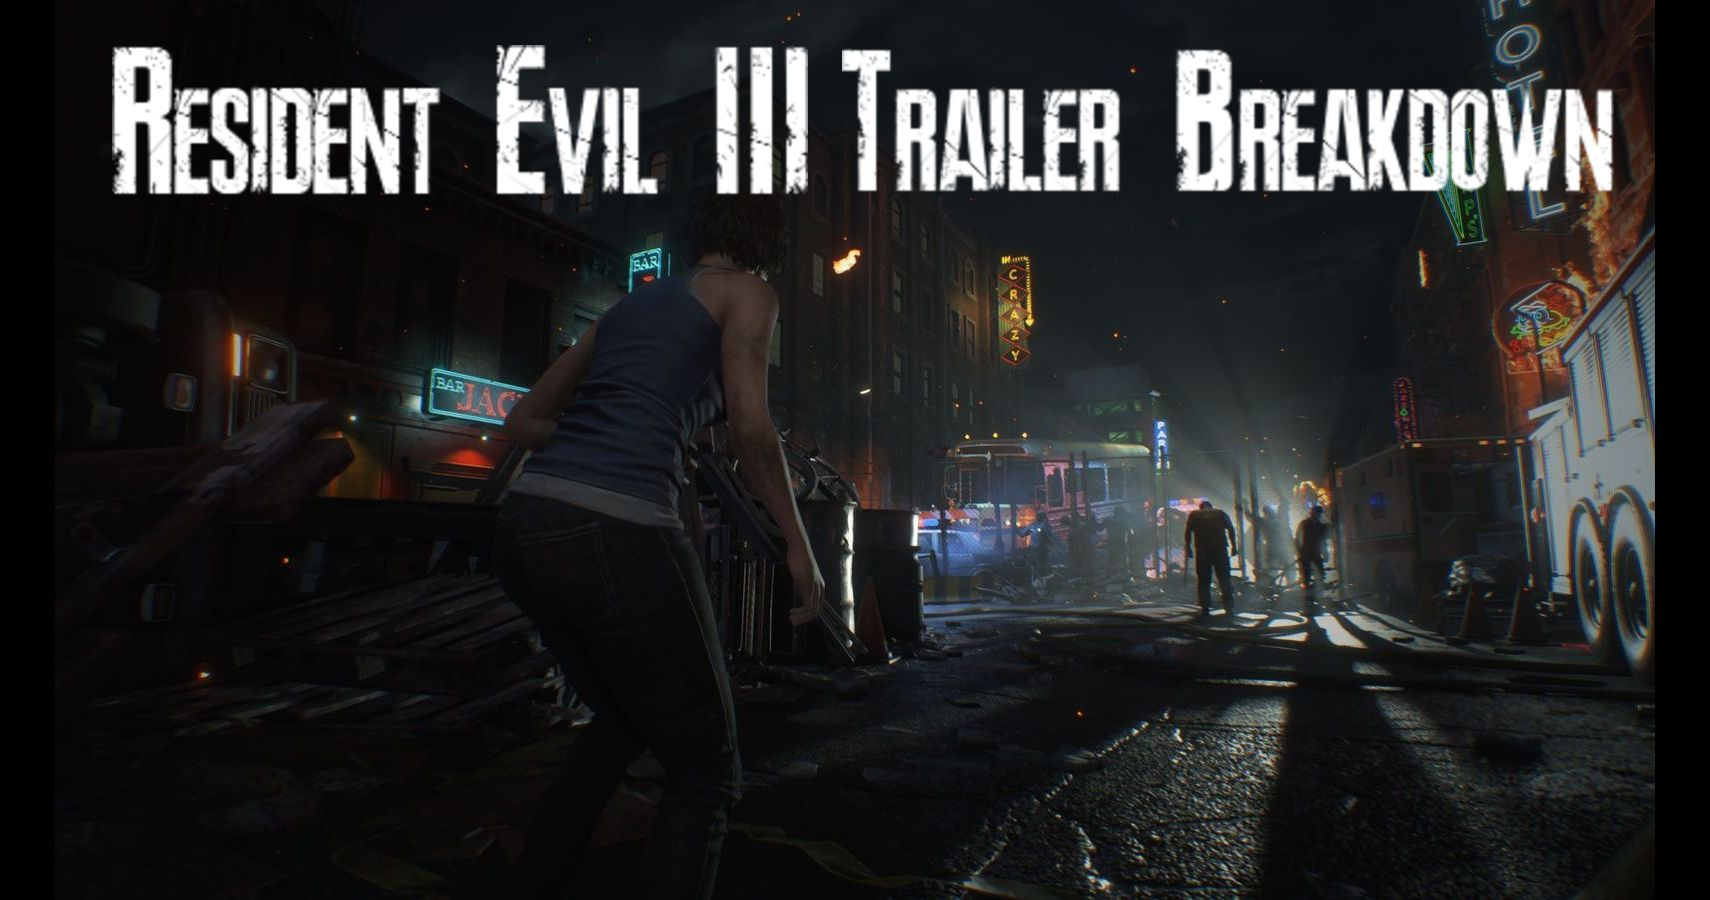 Resident Evil 3 Trailer Breakdown Thegamer